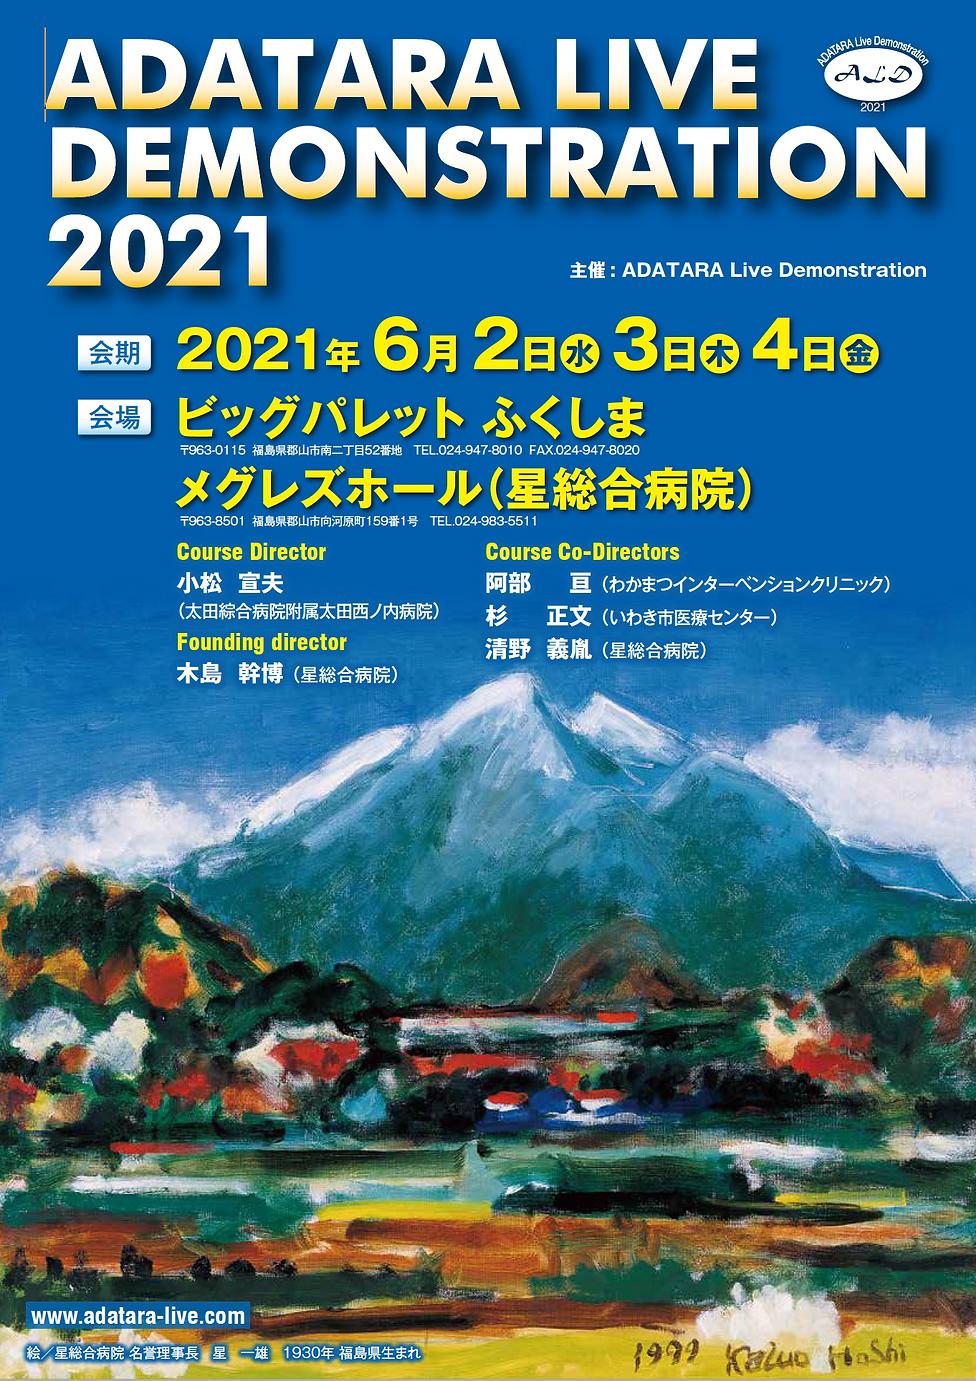 ADATARA LIVE 2021.png